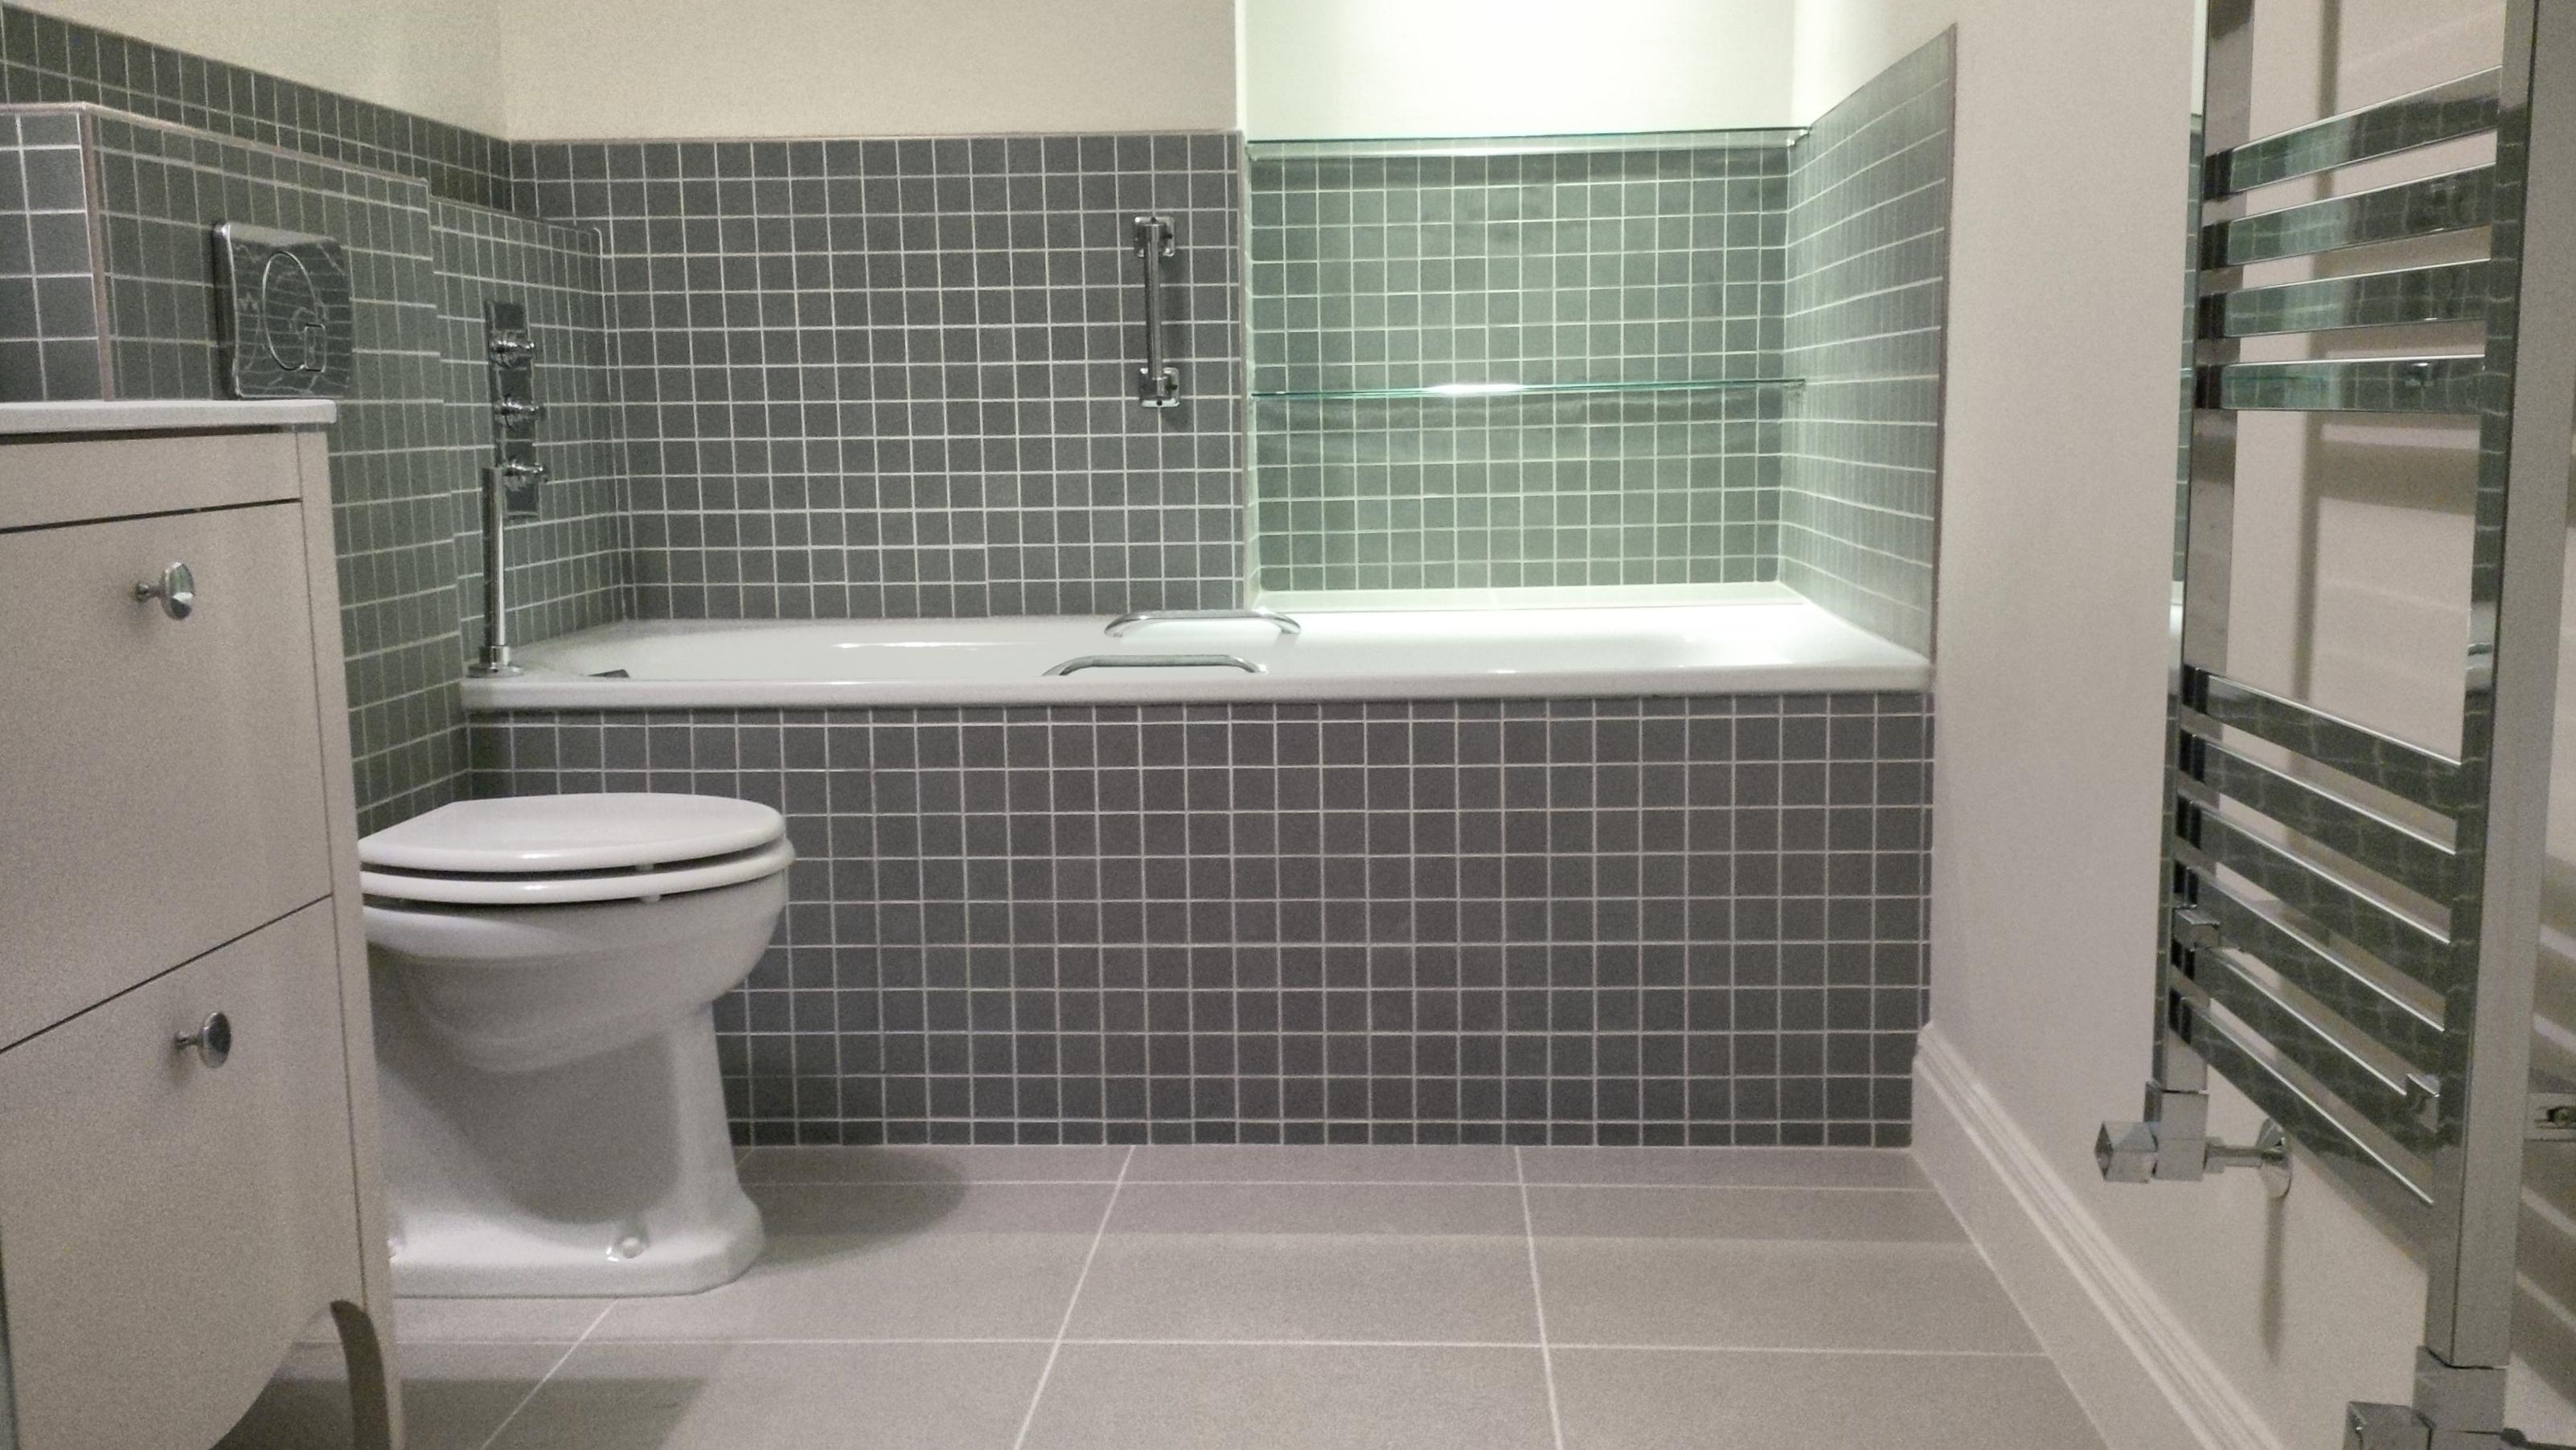 Bath Panel Tiled In Green Mosaic Richmond Bathrooms